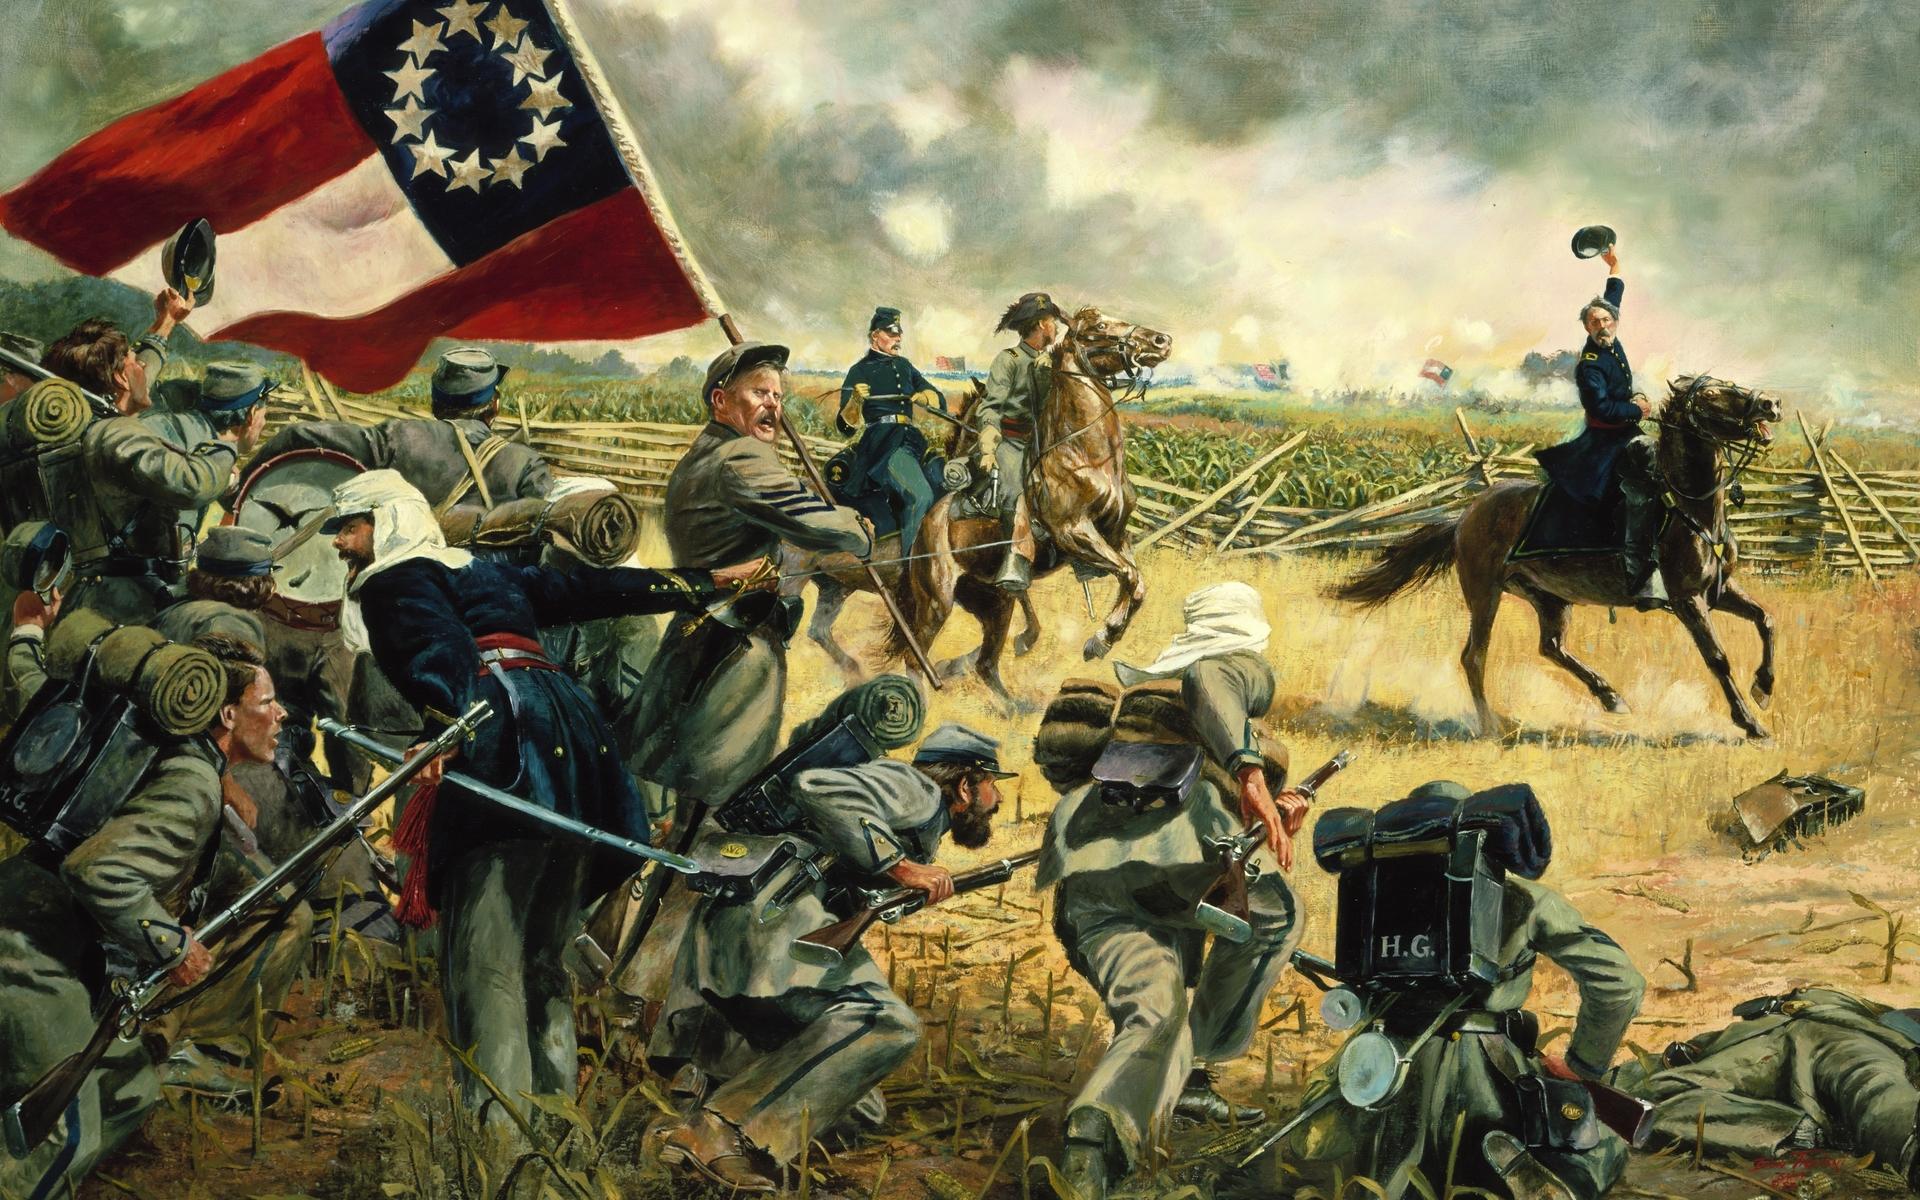 american civil war art painting 2 image - atrim - Mod DB |American Civil War Battle Paintings